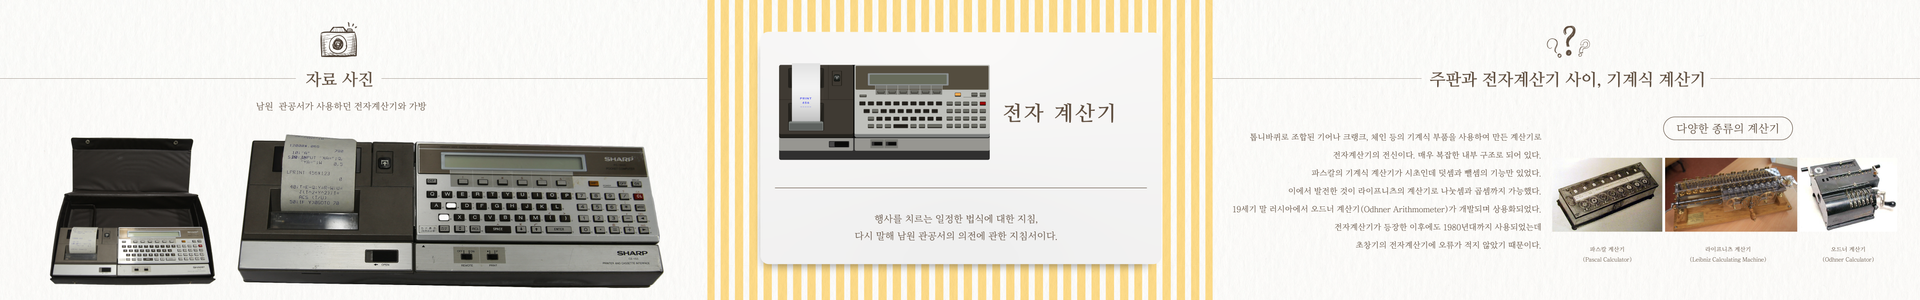 29 전자계산기_대지 1 사본.png